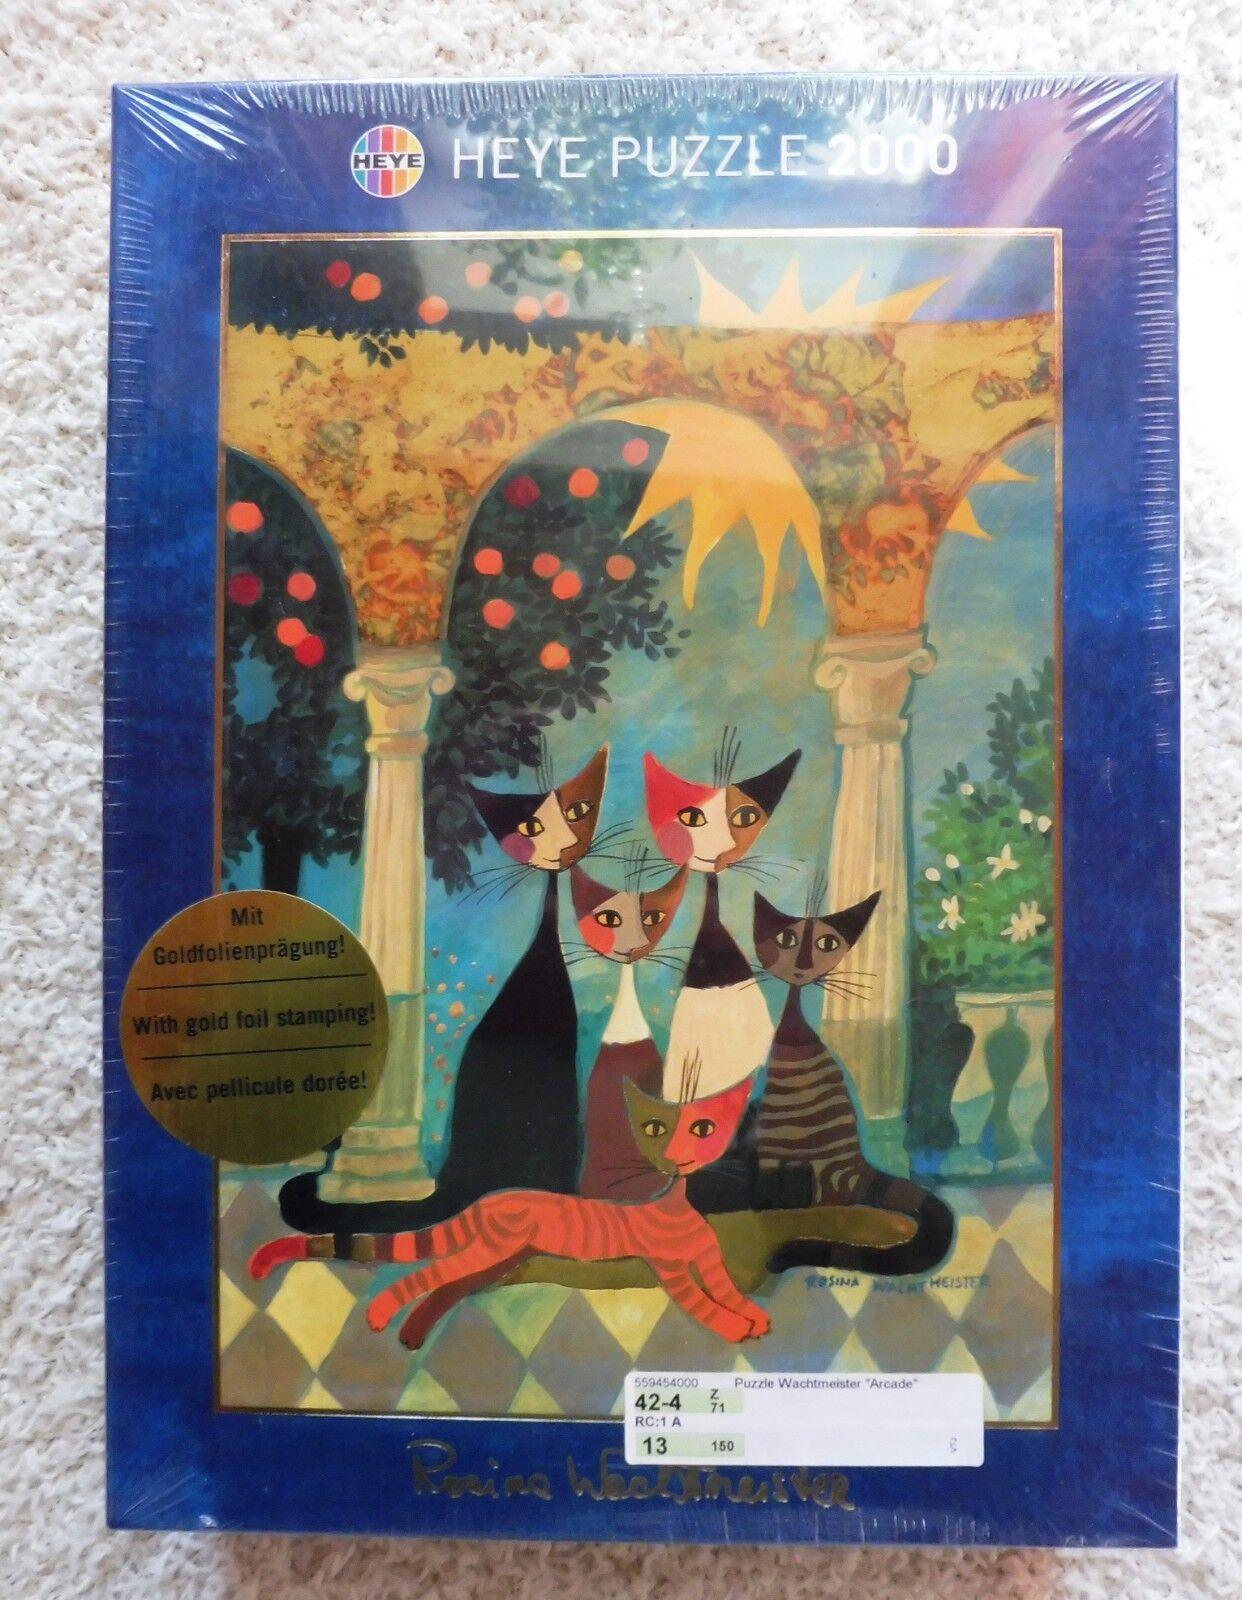 Puzzle R. Wachtmeister 2000 Arcade von Heye Neu Goldfolierprägung Rarität